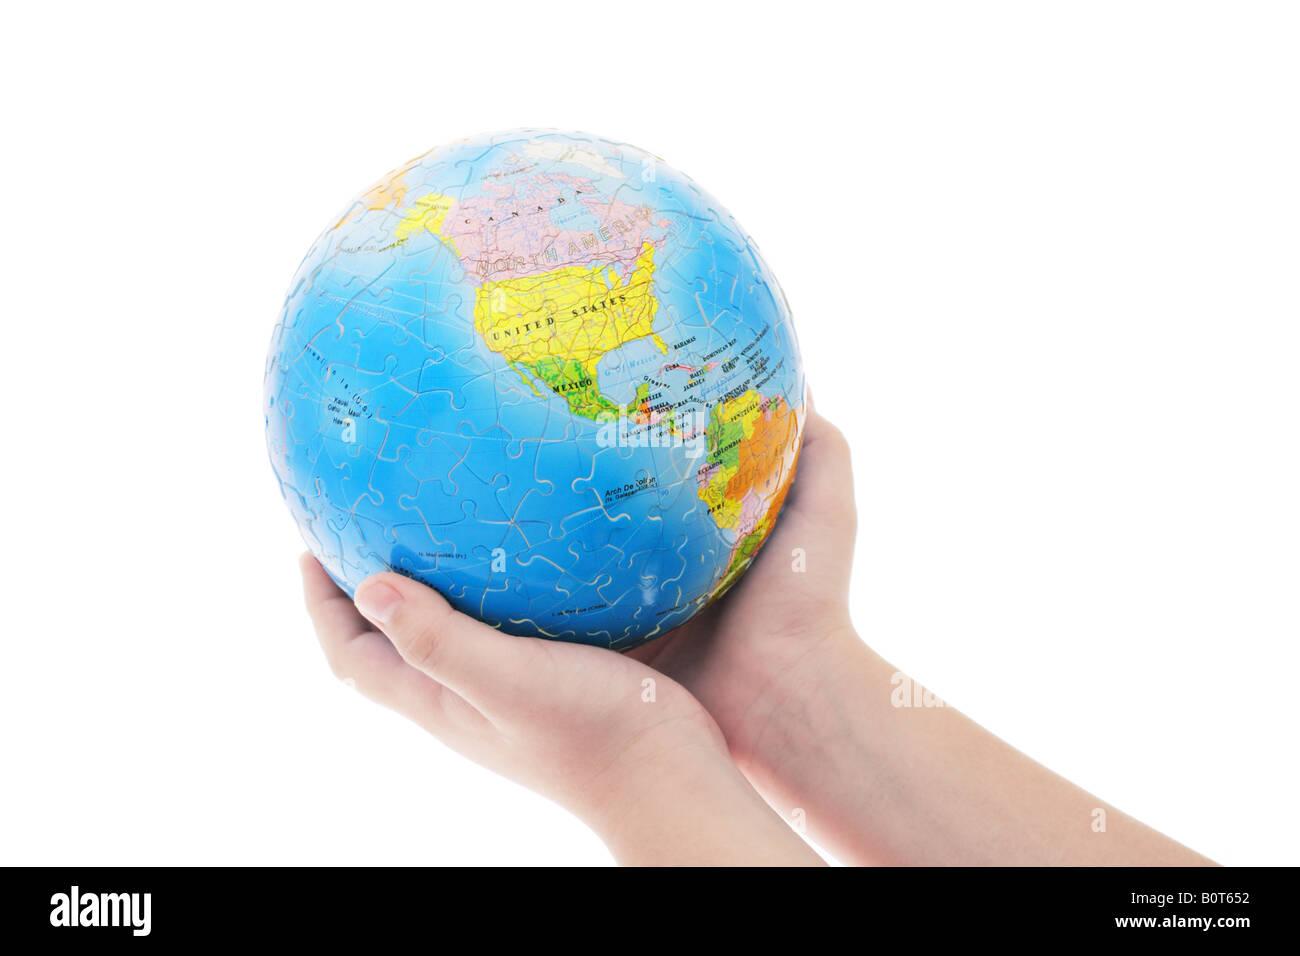 Giovane ragazzo s mano azienda completato globe puzzle su sfondo bianco Immagini Stock